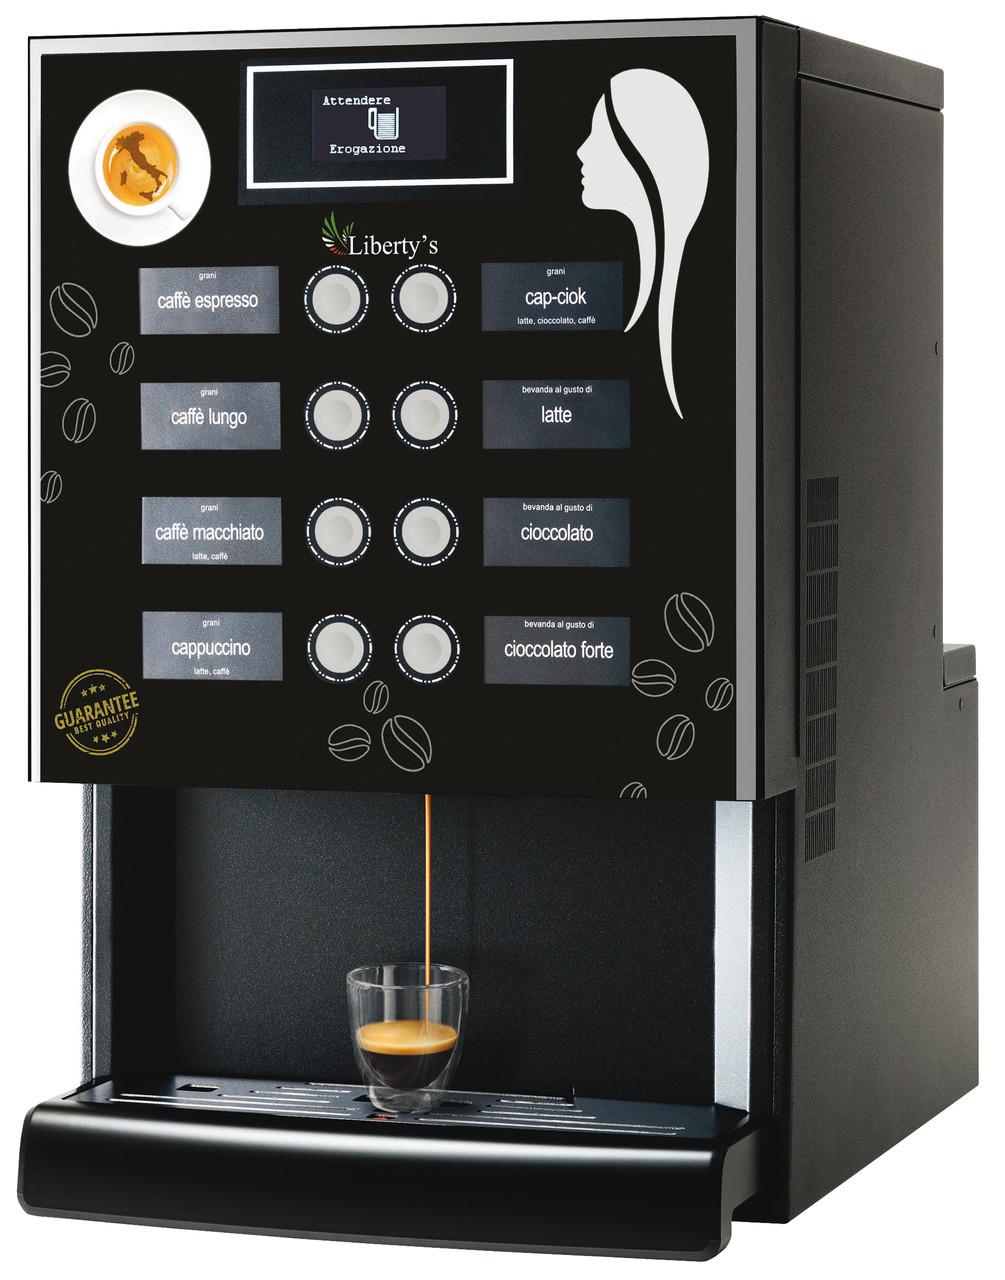 Автоматична Кофемашина професійна для офісу та кафе LIBERTY'S Iperautomatica 10000020